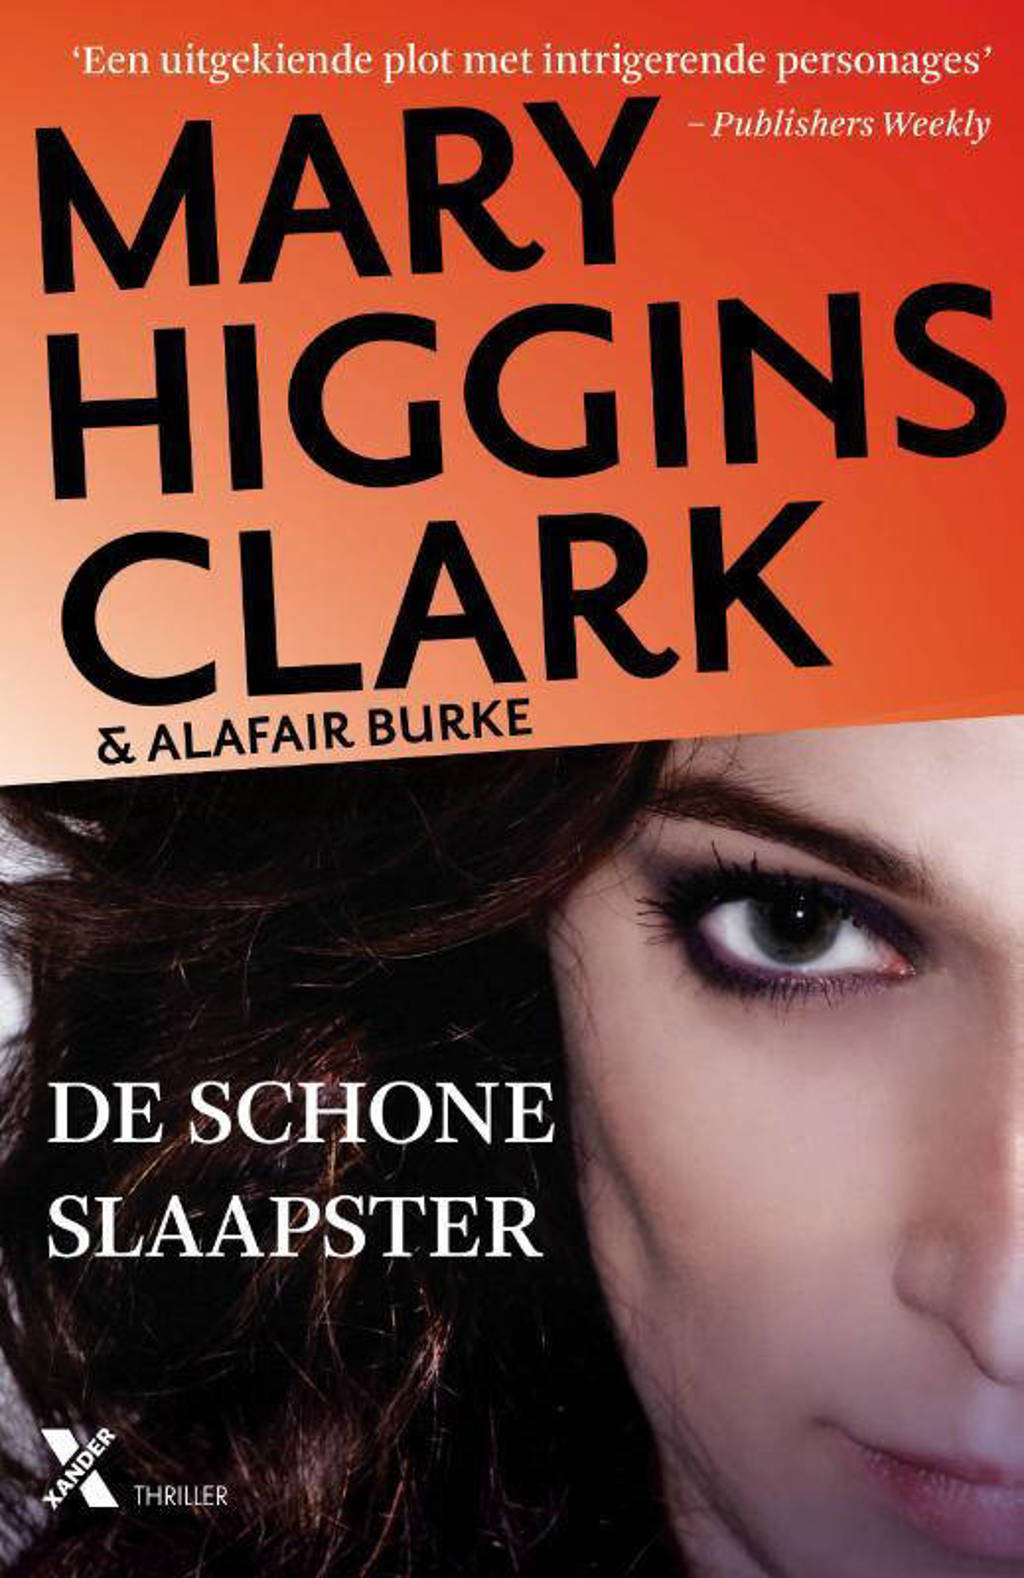 De schone slaapster - Mary Higgins Clark